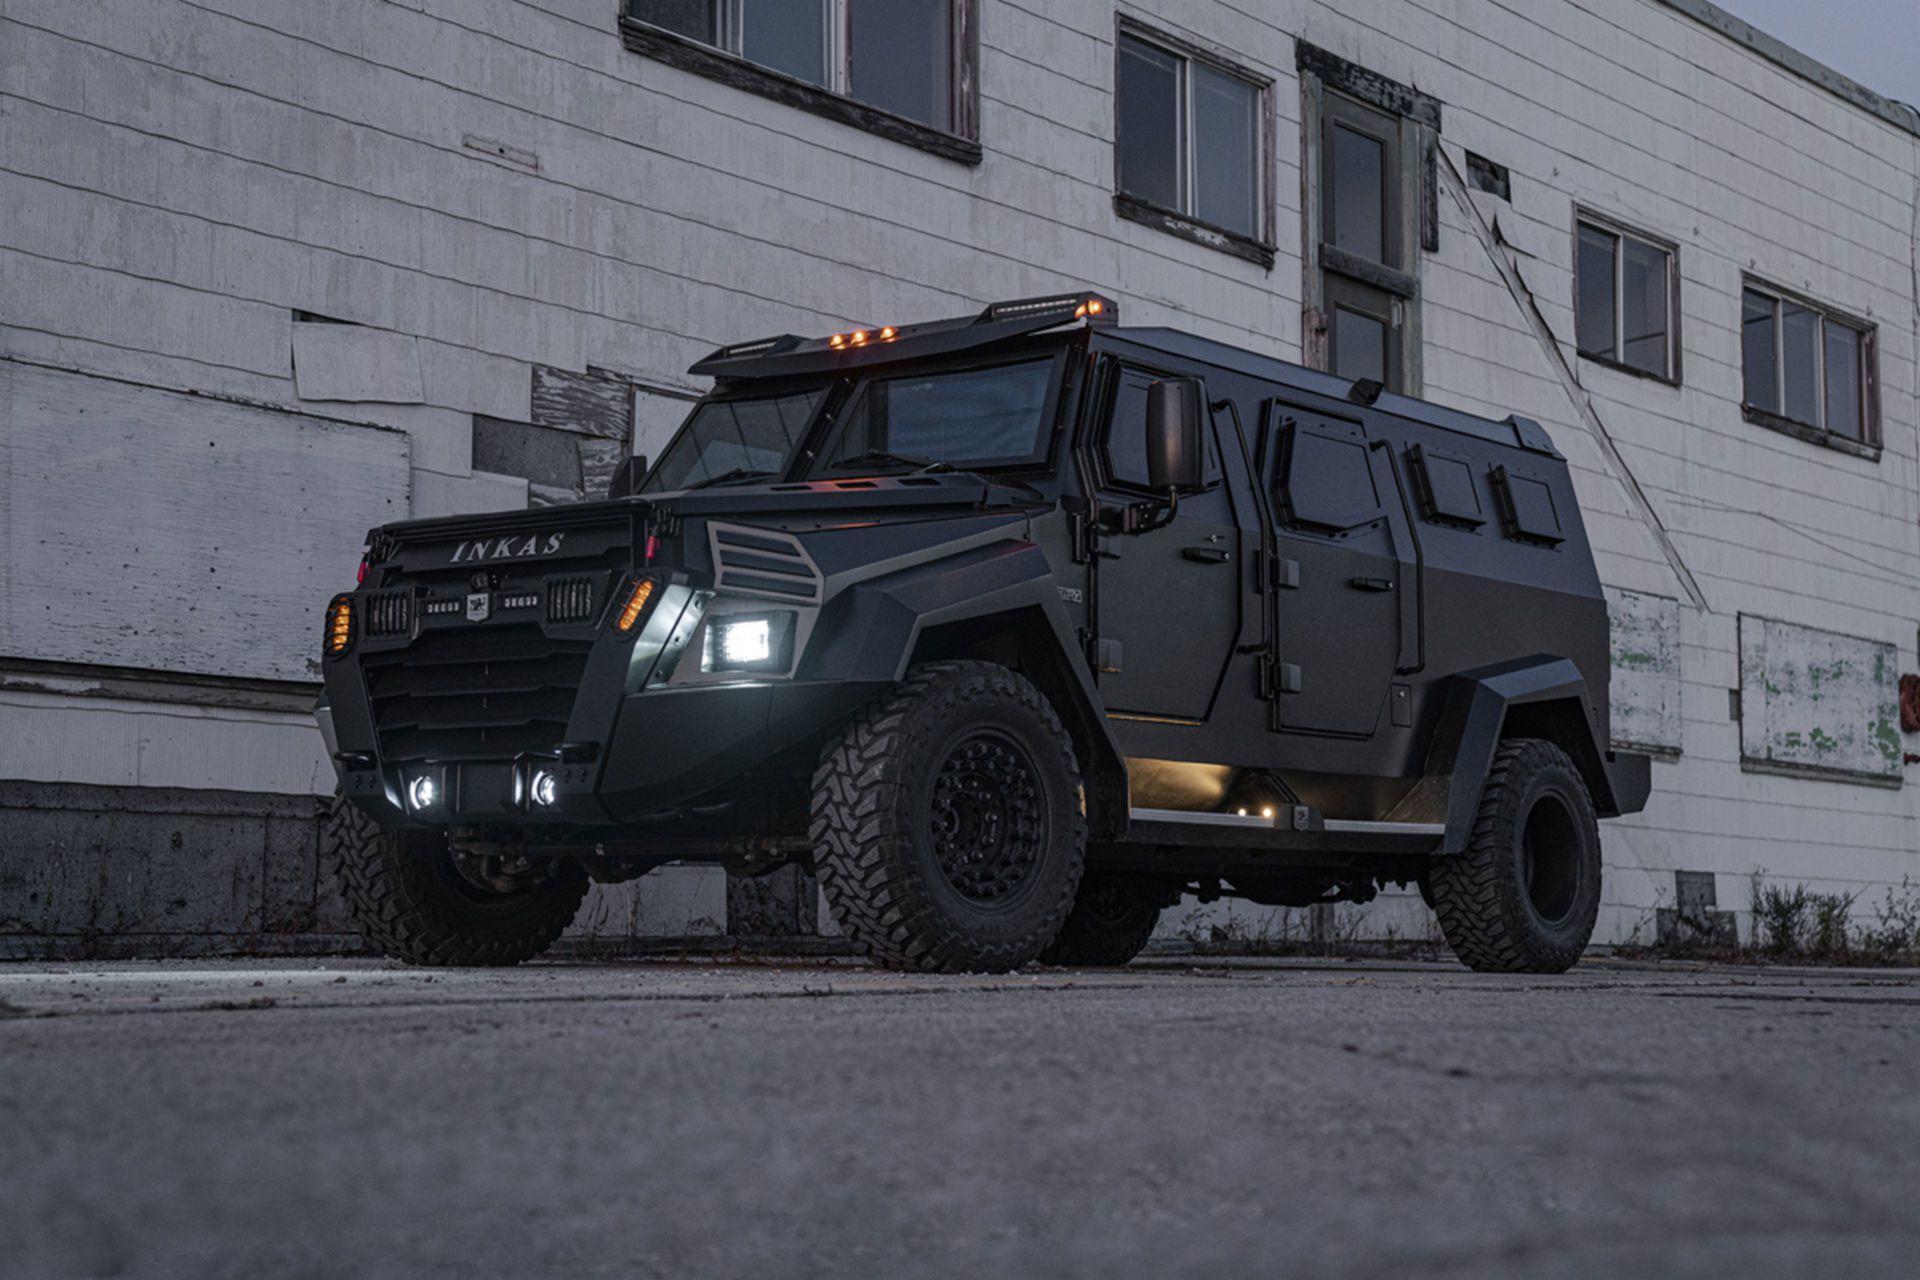 Inkas Sentry Civilian dùng cơ sở gầm bệ của mẫu Ford F-550, với hệ thống treo được nâng cấp đáng kể, cùng hệ thống phanh hiệu suất cao và nhiều gia cố kỹ thuật khác